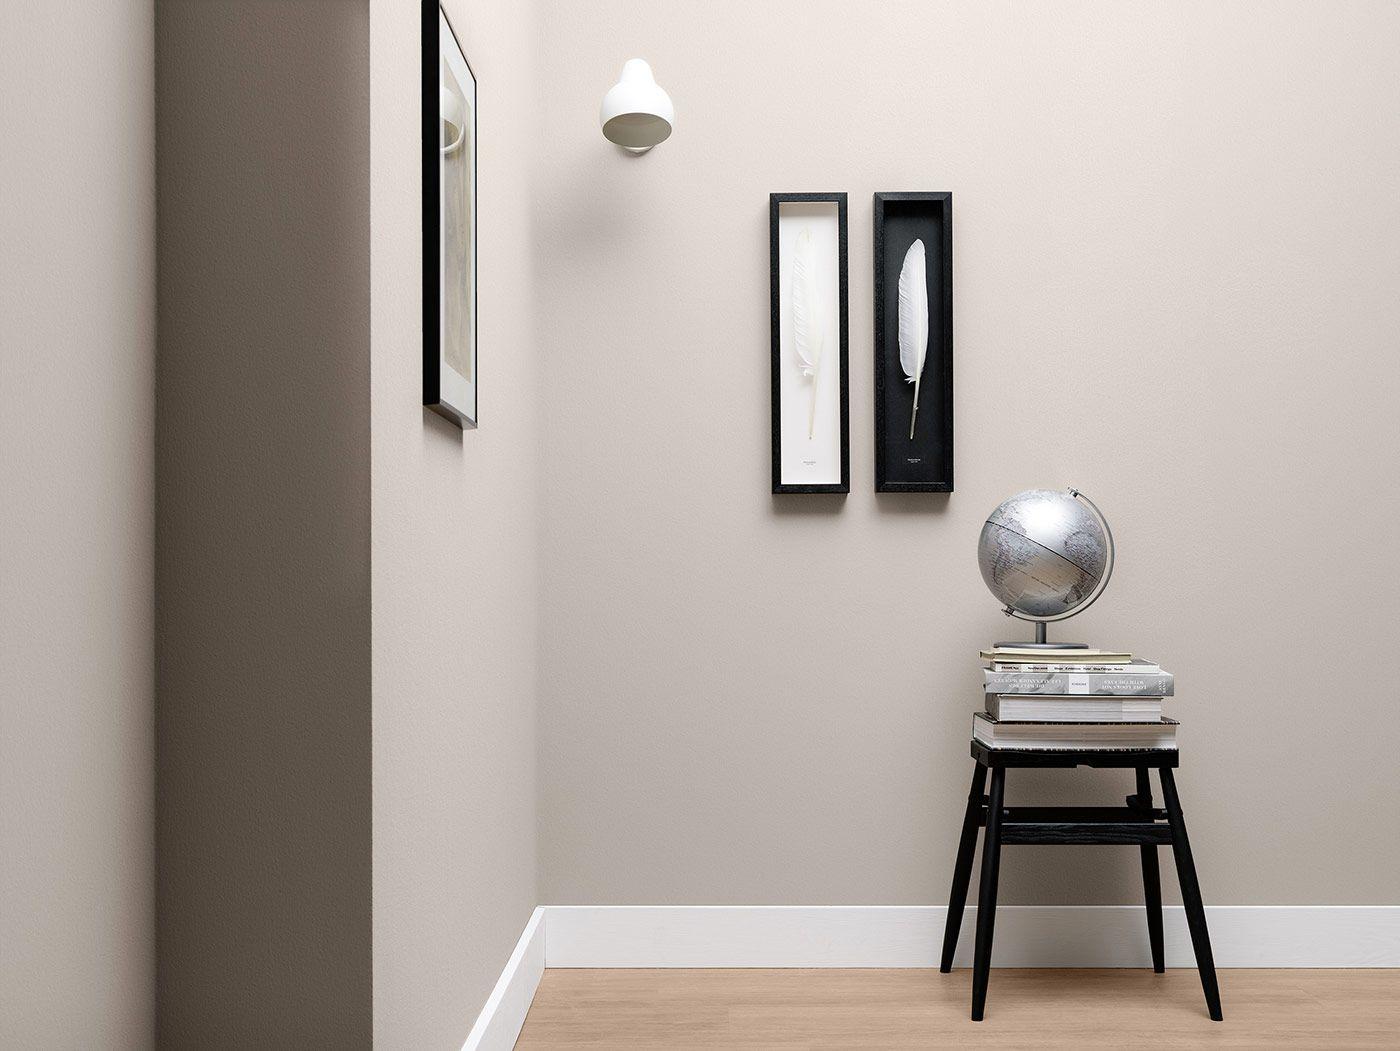 Alexandria Architects Finest Schoner Wohnen Farbe Schoner Wohnen Farbe Schoner Wohnen Wandfarbe Schoner Wohnen Schlafzimmer